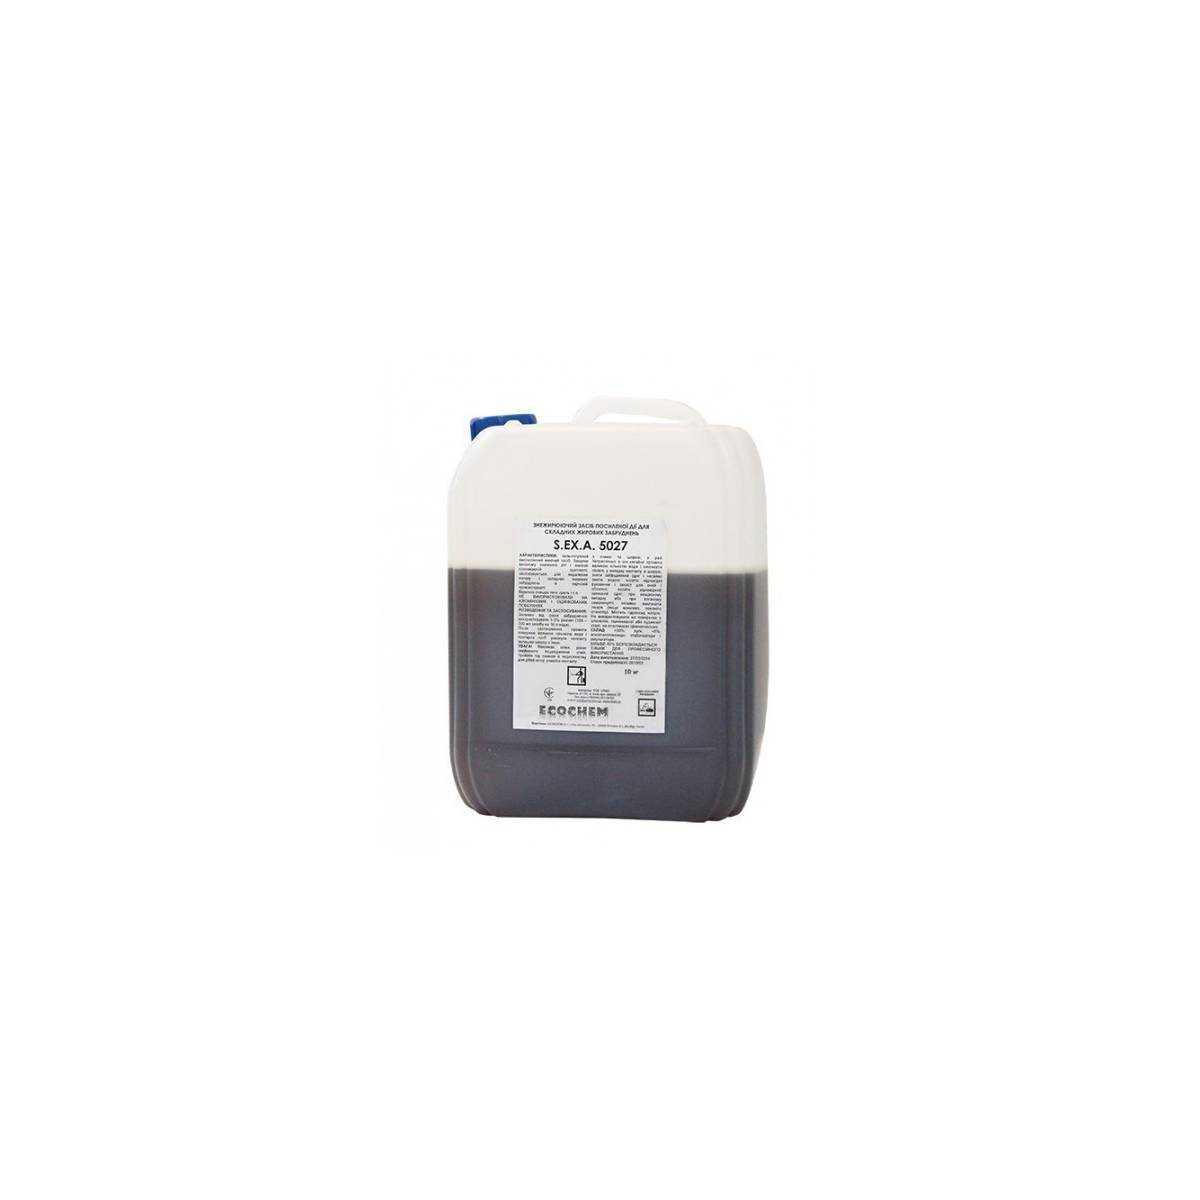 Средство моющее для сложных жировых загрязнений 10кг S.EX.A.5027-10 ECOCHEM